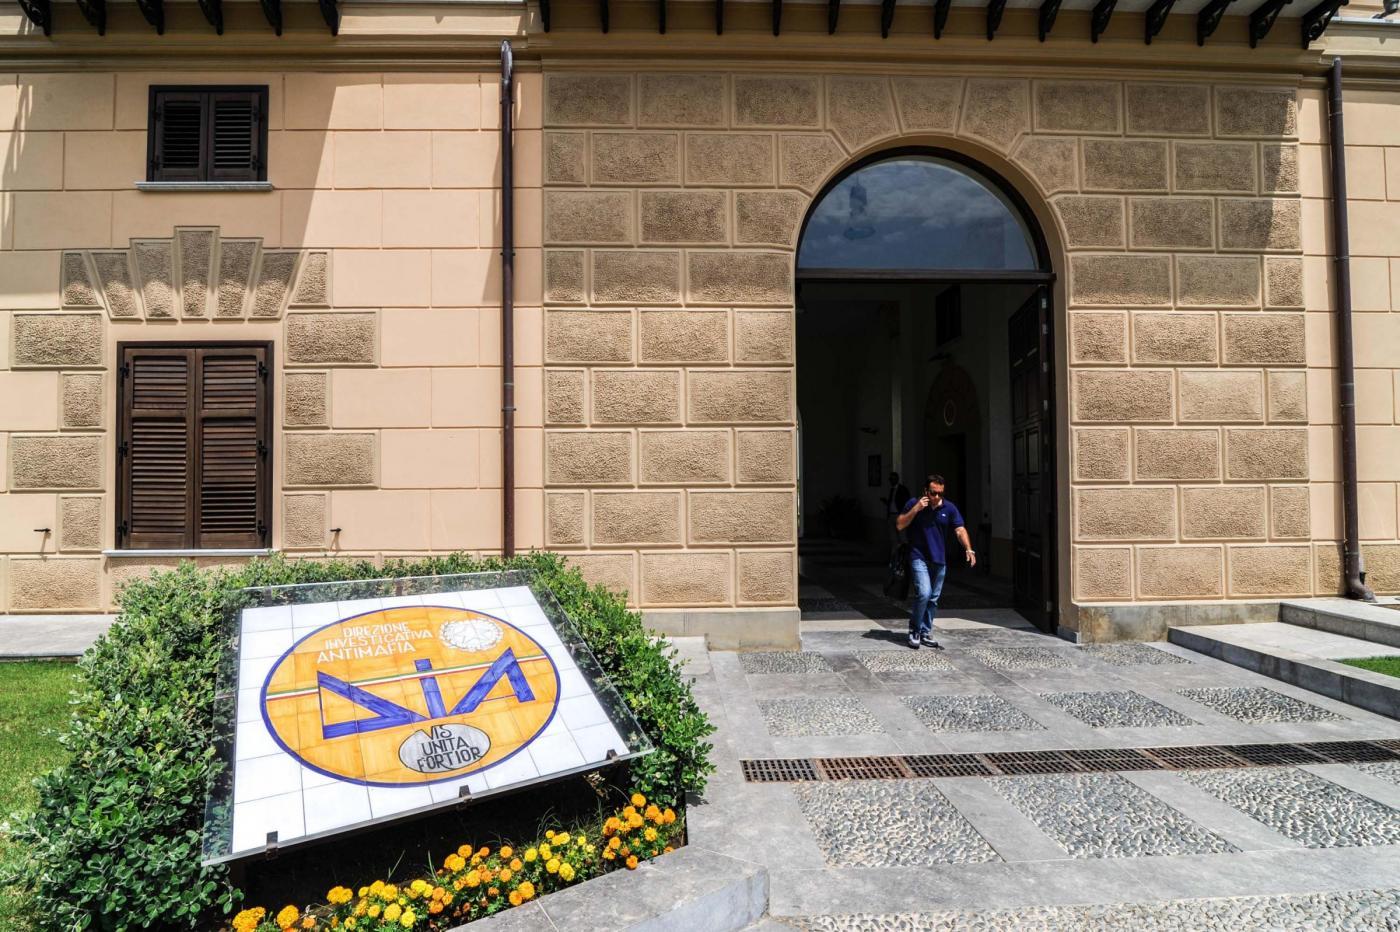 Rivolta anti-pizzo: 36 commercianti si ribellano e fanno arrestare 22 mafiosi